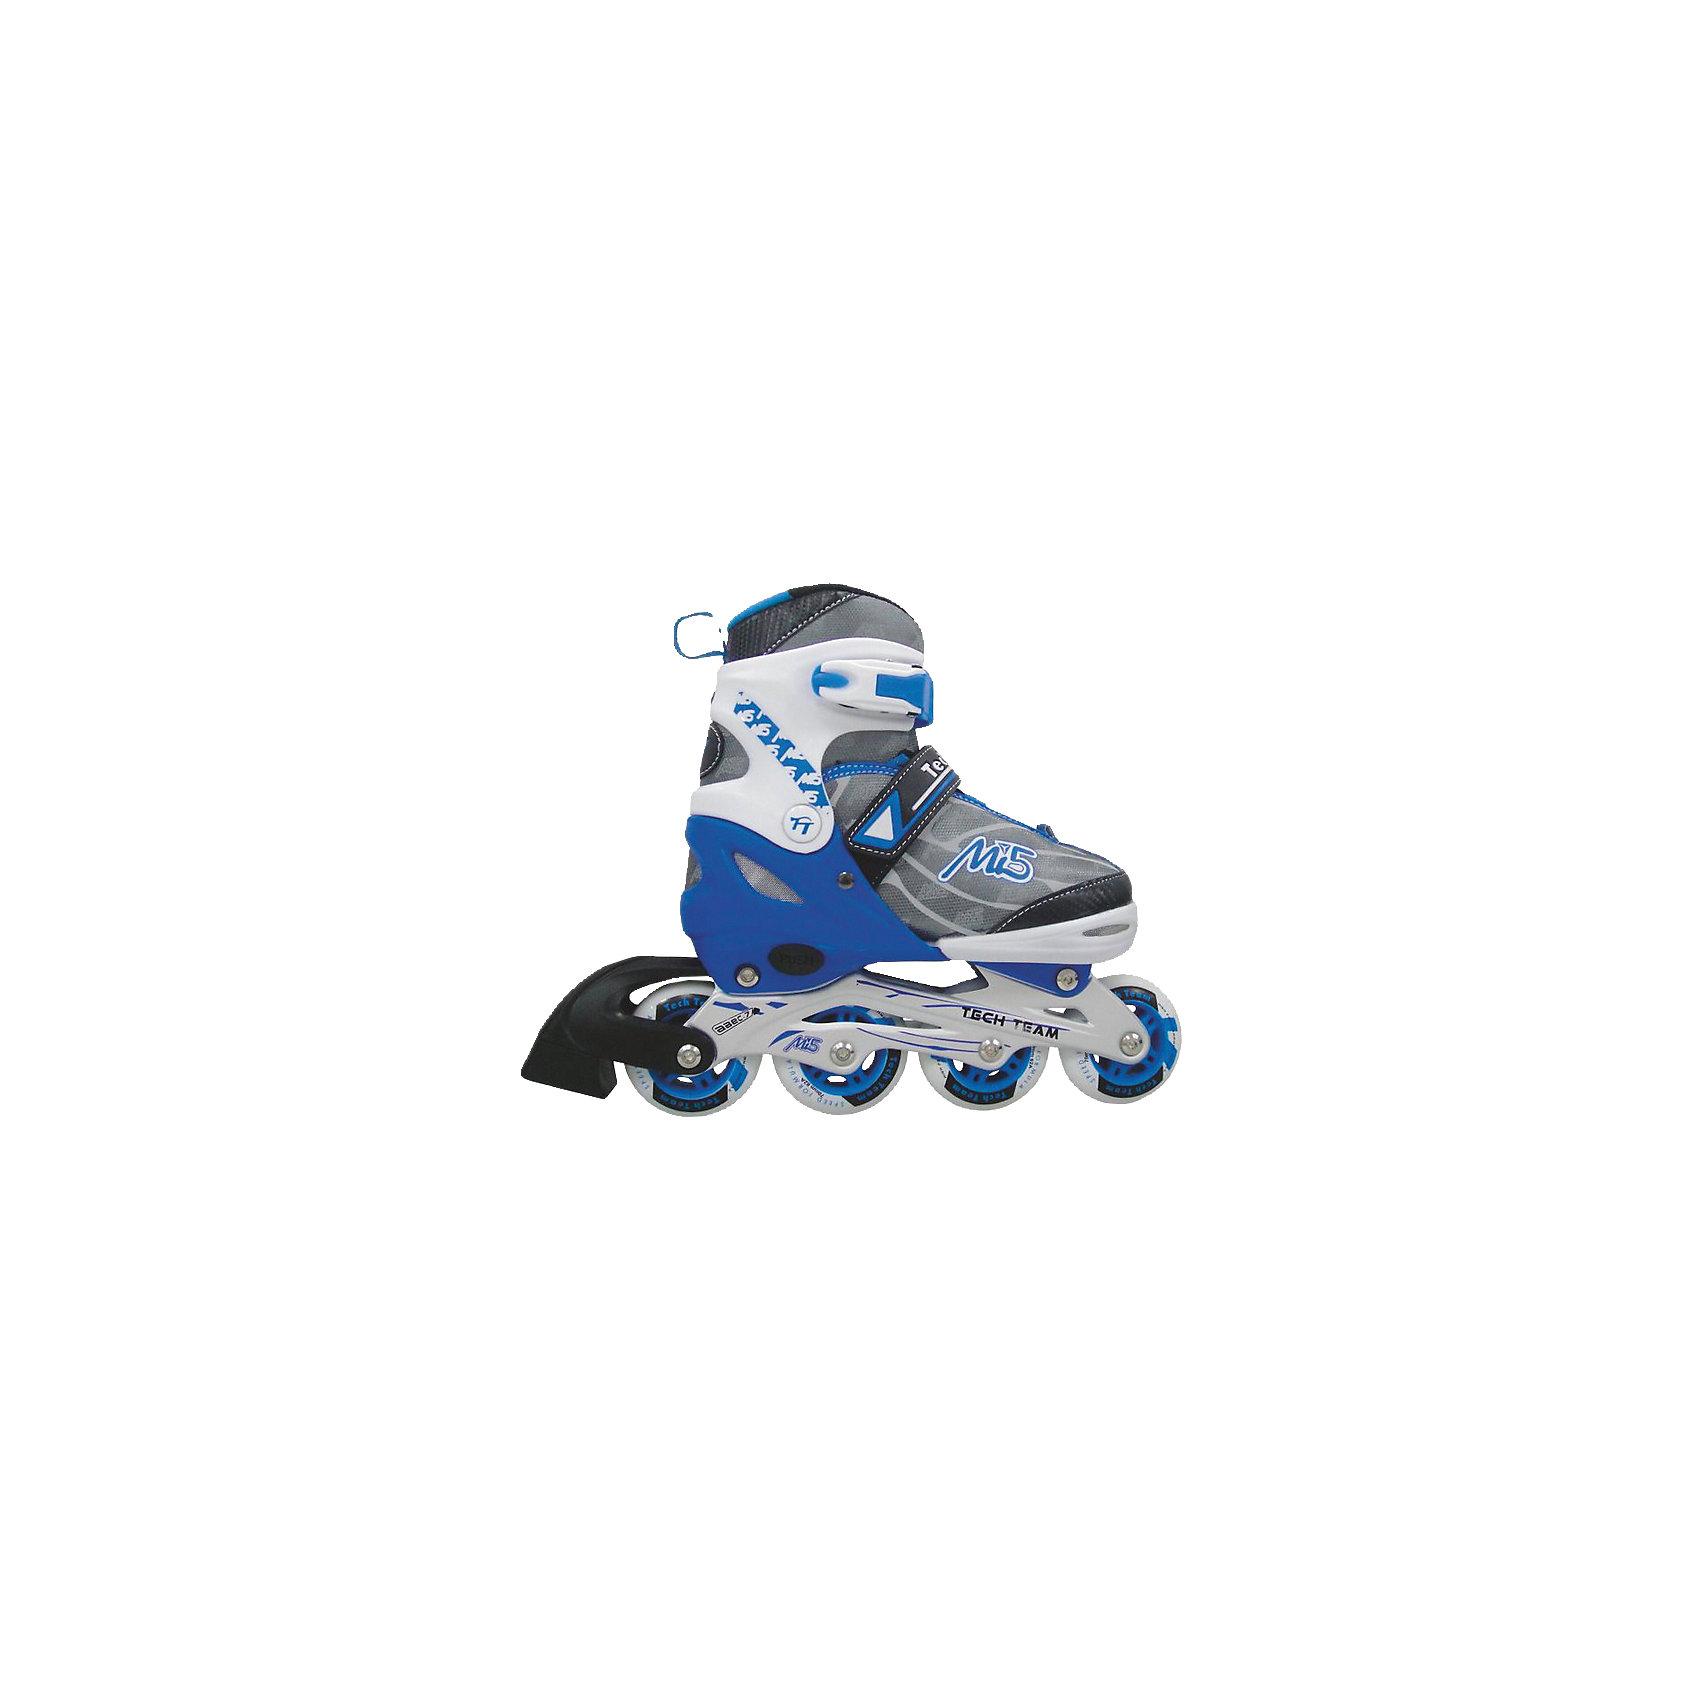 Роликовые коньки MI 5, Tech TeamРаздвижные ролики MI 5, Tech Team, идеально подходят для комфортного и безопасного катания Вашего ребенка. Ролики яркой синей с серым расцветки выполнены в стильном спортивном дизайне. Мягкий внешний ботинок из текстильных материалов и пластика с мягким внутренним сапожком обеспечивает удобство и безопасность во время катания. Ролики оснащены системой раздвижения на 3 полных размера, что позволяет использовать их несколько сезонов. Специальные застежки - клипсы с фиксаторами, липучки и шнуровка хорошо фиксируют ногу. На заднем колесе имеется тормоз. Размер колес зависит от размера роликов: 58 мм., 64 мм., 70 мм., 76 мм. в соответствии с размерной сеткой. Катание на роликах способствует общему физическому развитию ребенка, тренирует ловкость, координацию движений и выносливость.<br><br>Дополнительная информация:<br><br>- Материал: высококачественный пластик, текстиль, колеса - PU (полиуретан).<br>- Размеры: XS (27-30), S (31-34), M (35-38), L (39-42).<br>- Колеса (в зависимости от размера): 58 х 24; 64 х 24; 70 х 24; 76 х 24 мм.<br>- Подшипники: Abec-7 carbon. <br>- Алюминиевая рама.<br><br>Роликовые коньки MI 5, Tech Team, можно купить в нашем интернет-магазине.<br><br>Ширина мм: 420<br>Глубина мм: 105<br>Высота мм: 285<br>Вес г: 2300<br>Цвет: синий<br>Возраст от месяцев: 60<br>Возраст до месяцев: 96<br>Пол: Унисекс<br>Возраст: Детский<br>Размер: 31-34,27-30,35-38<br>SKU: 4137065